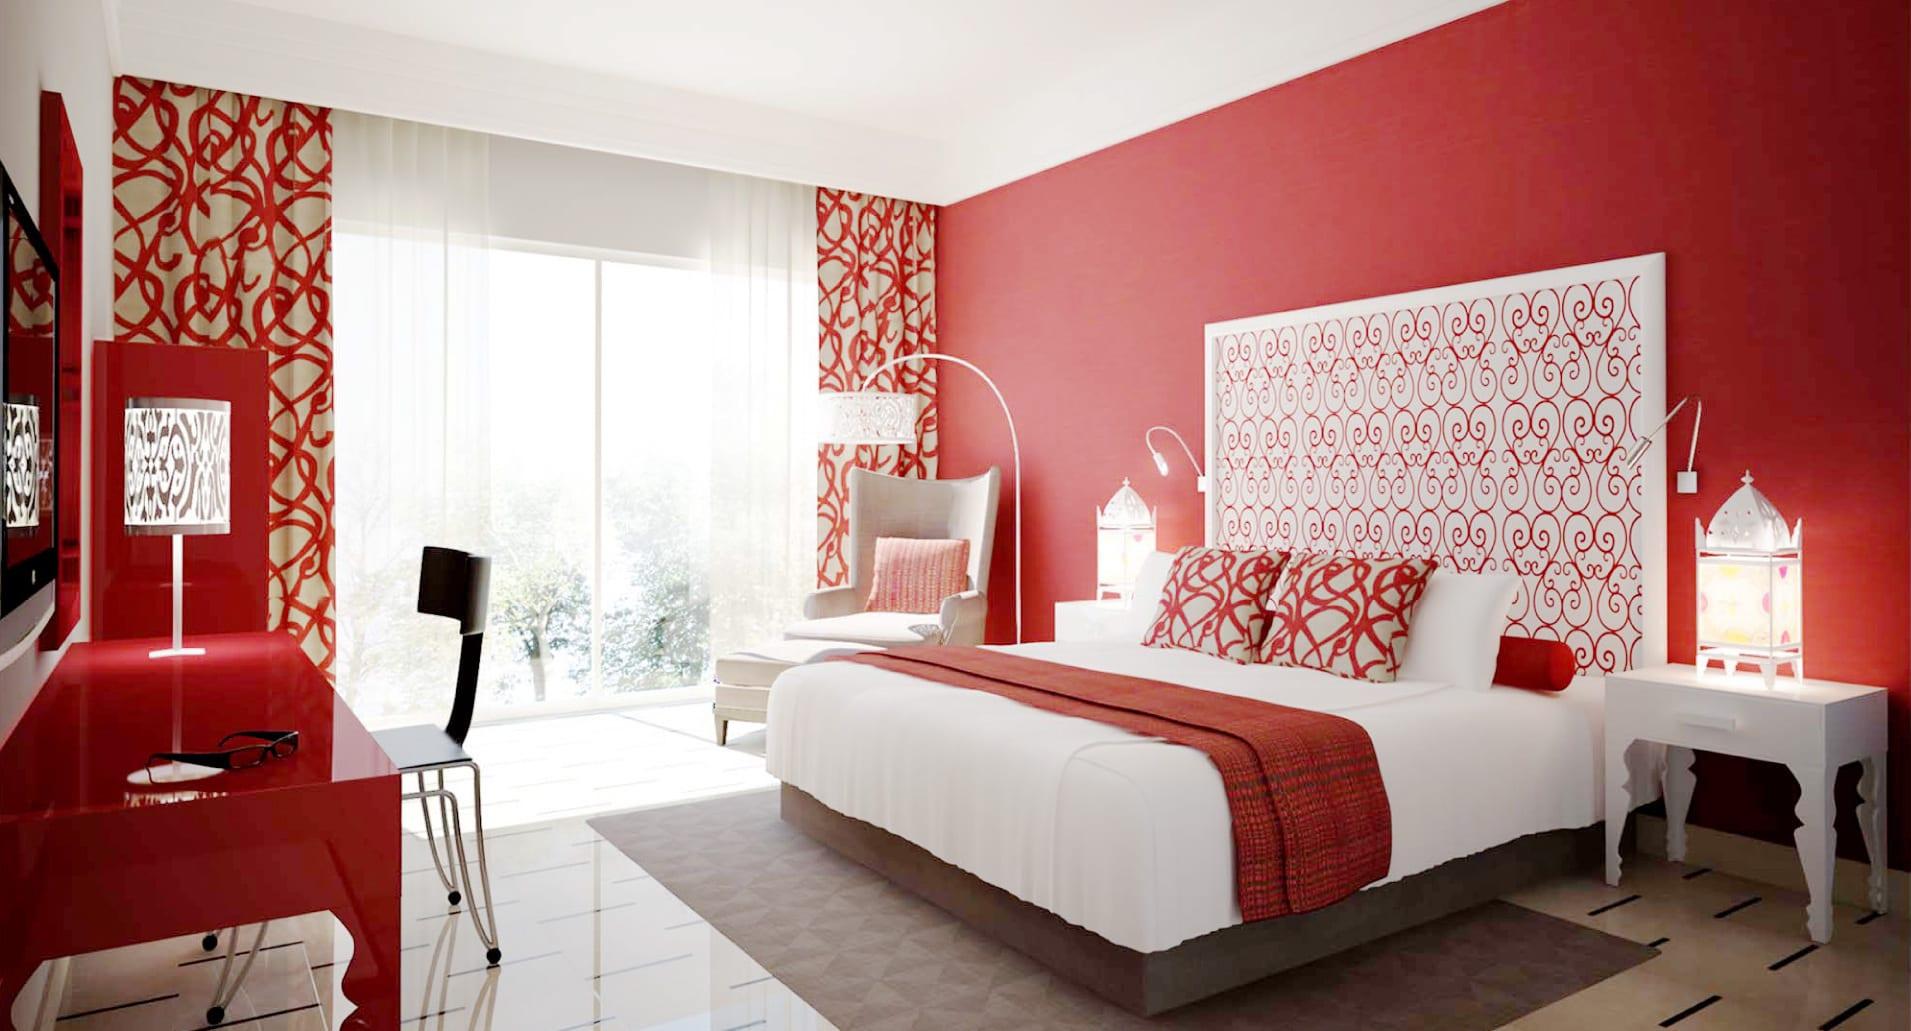 Modernes Schlafzimmer Mit Weißem Bett Und Roter Wand  Schminktisch Rot  Glanz Gardinen Rot Weiß